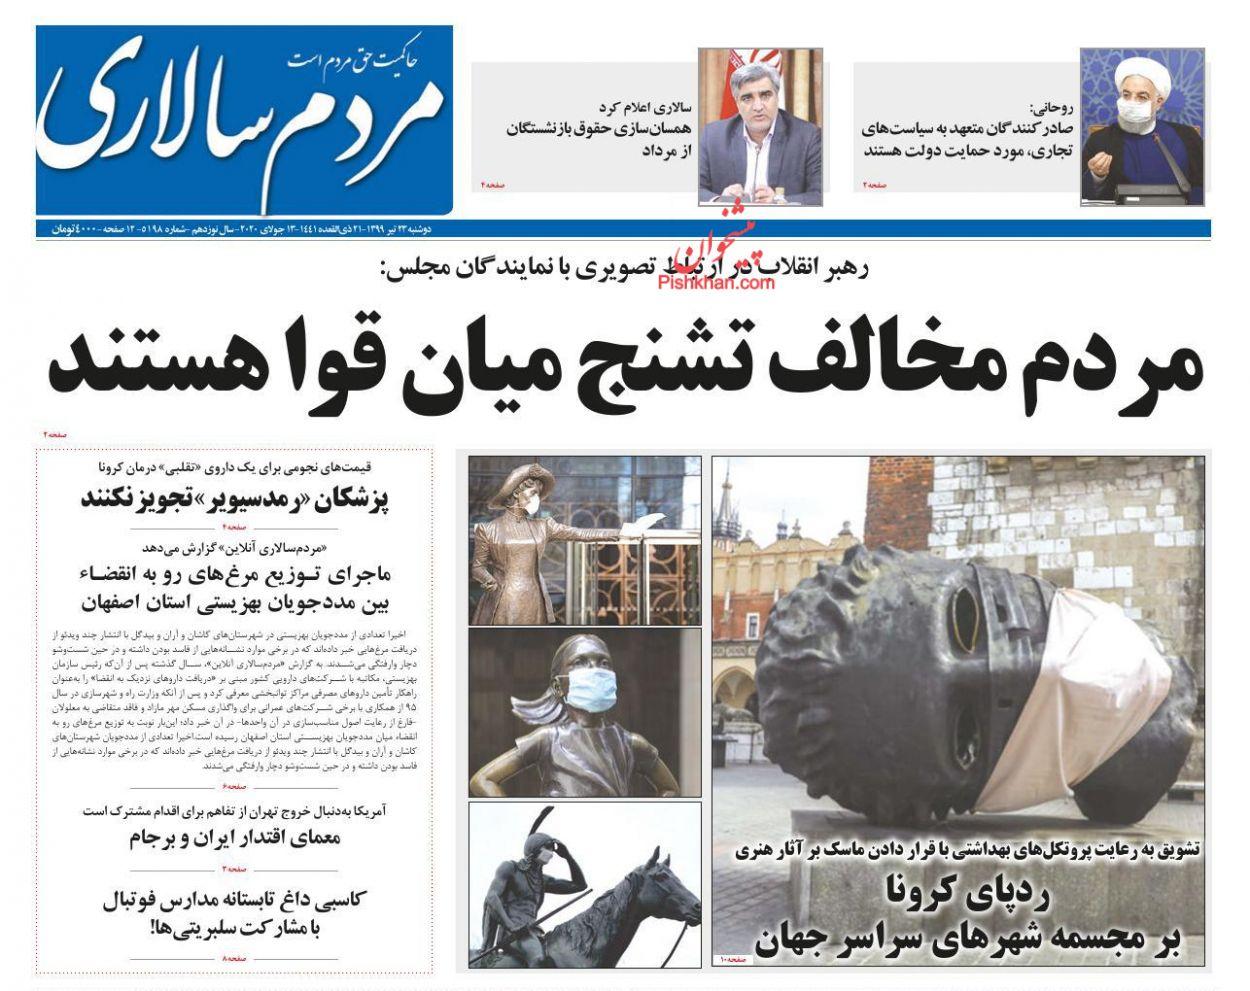 Um olhar sobre as primeiras páginas dos jornais iranianos em 13 de julho 12